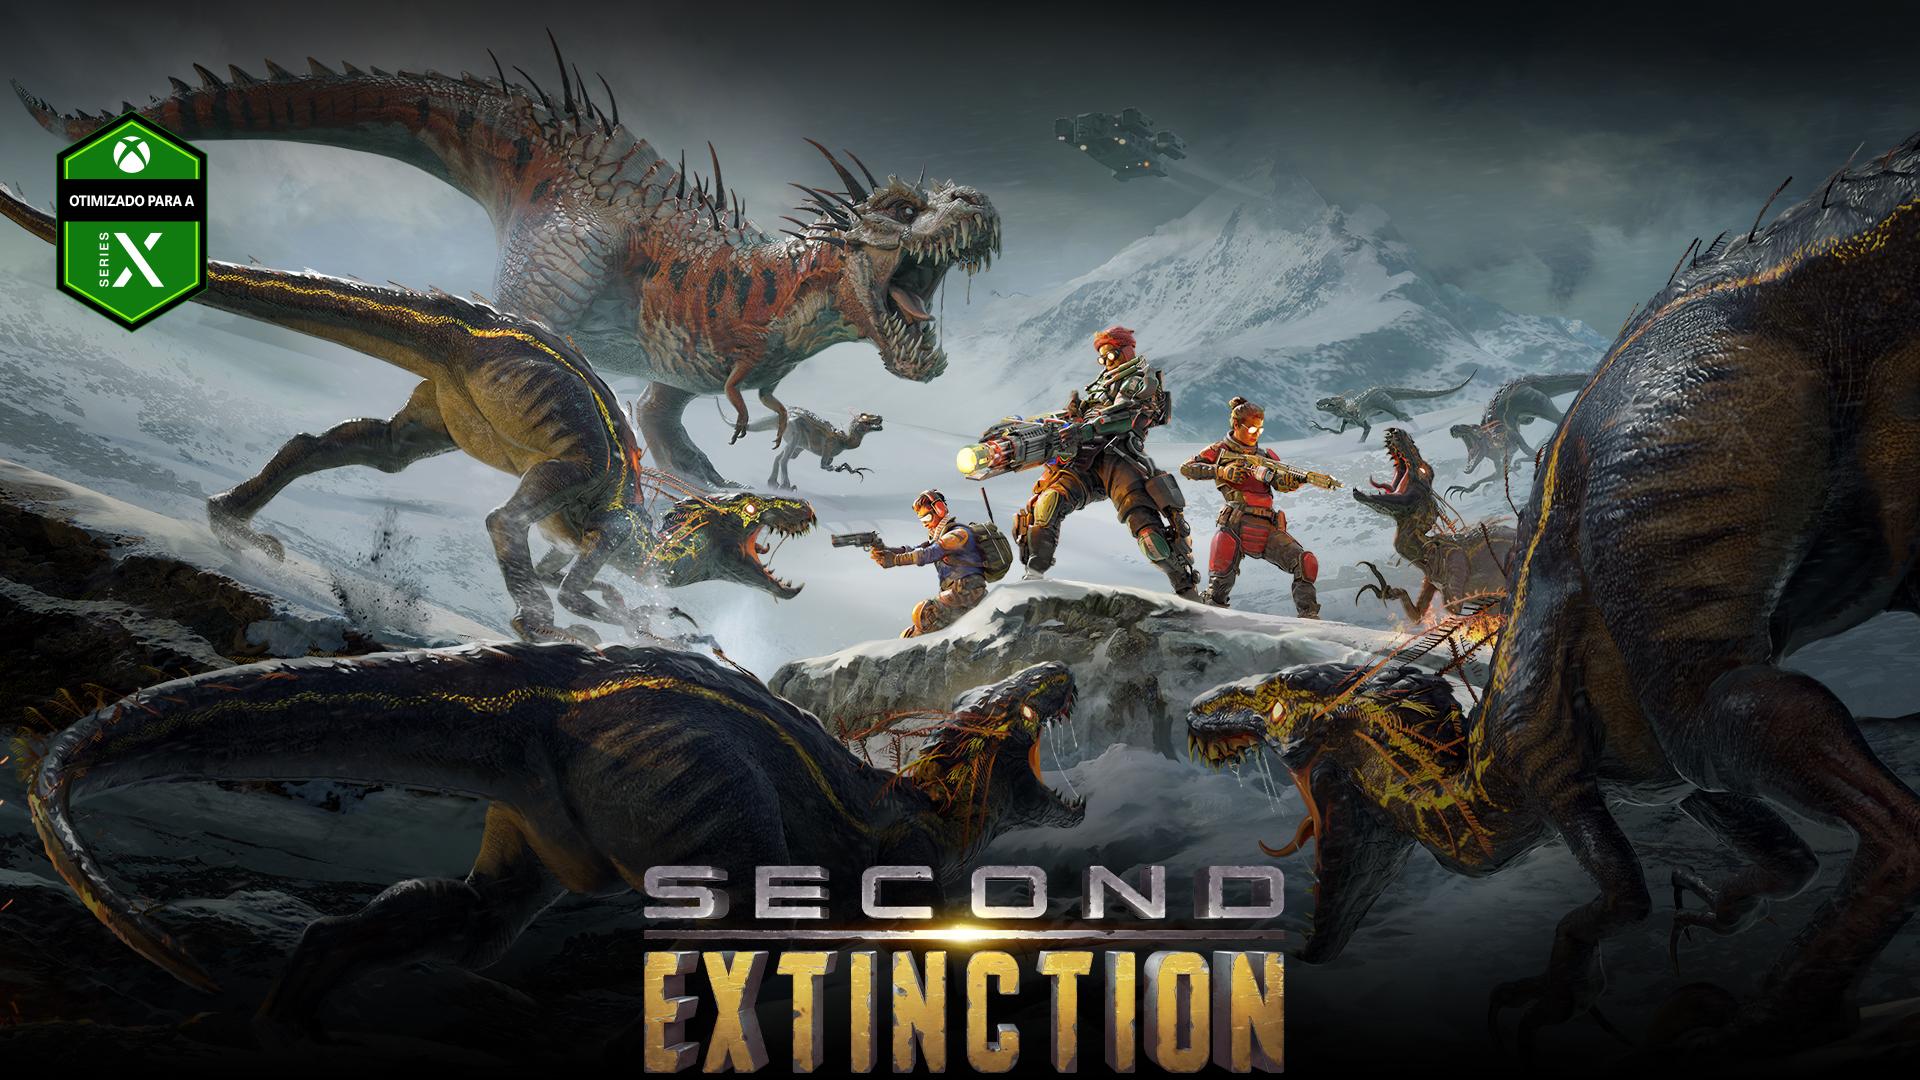 Second Extinction, Otimizado para a Series X, um grupo de personagens entra em conflito com um grupo de dinossauros.